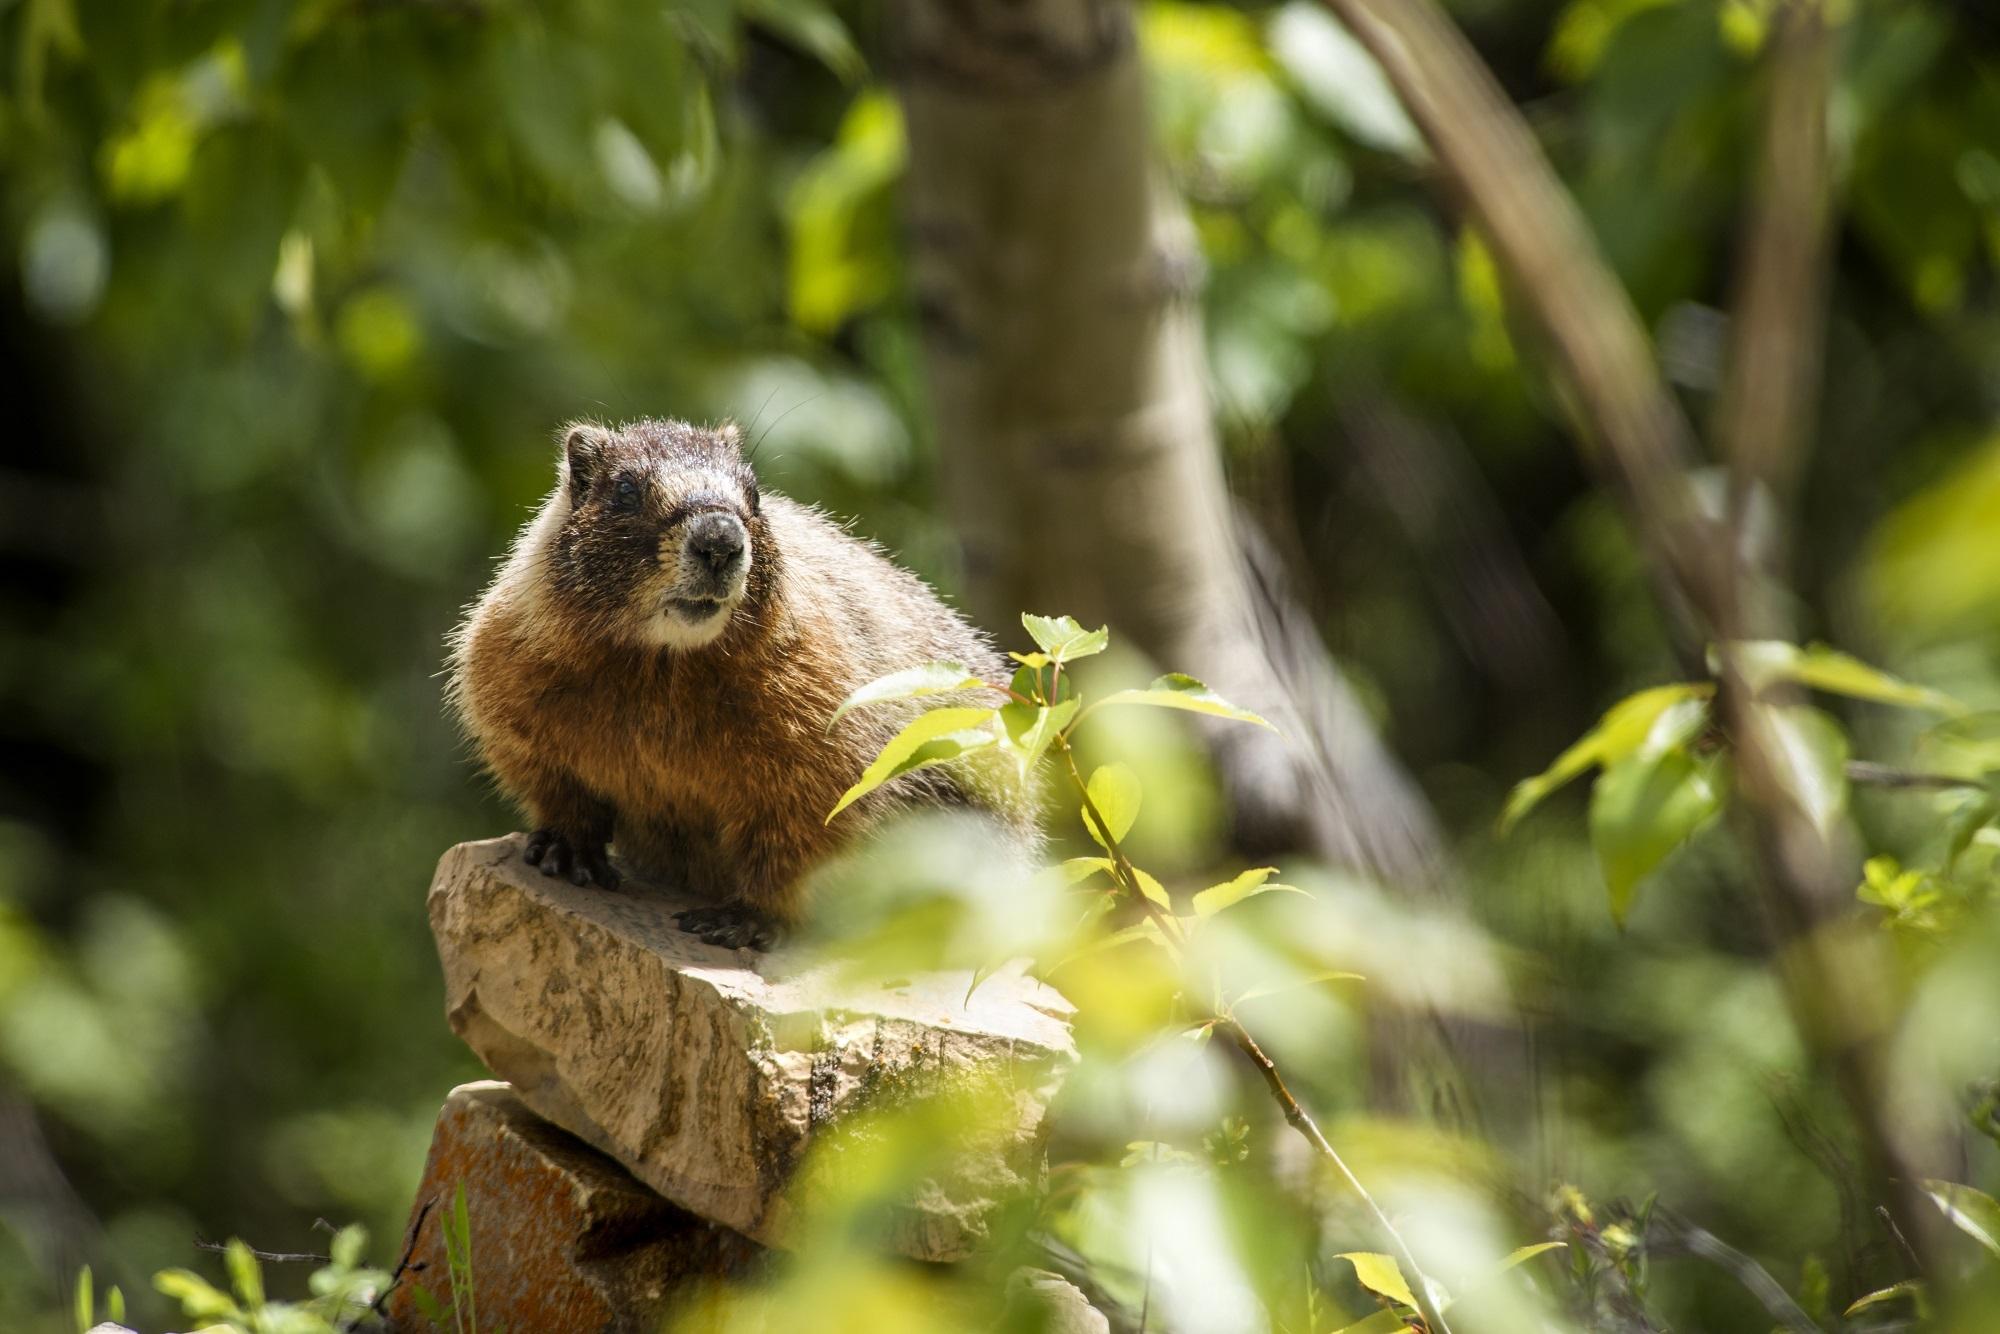 Marmot in the jungle photo